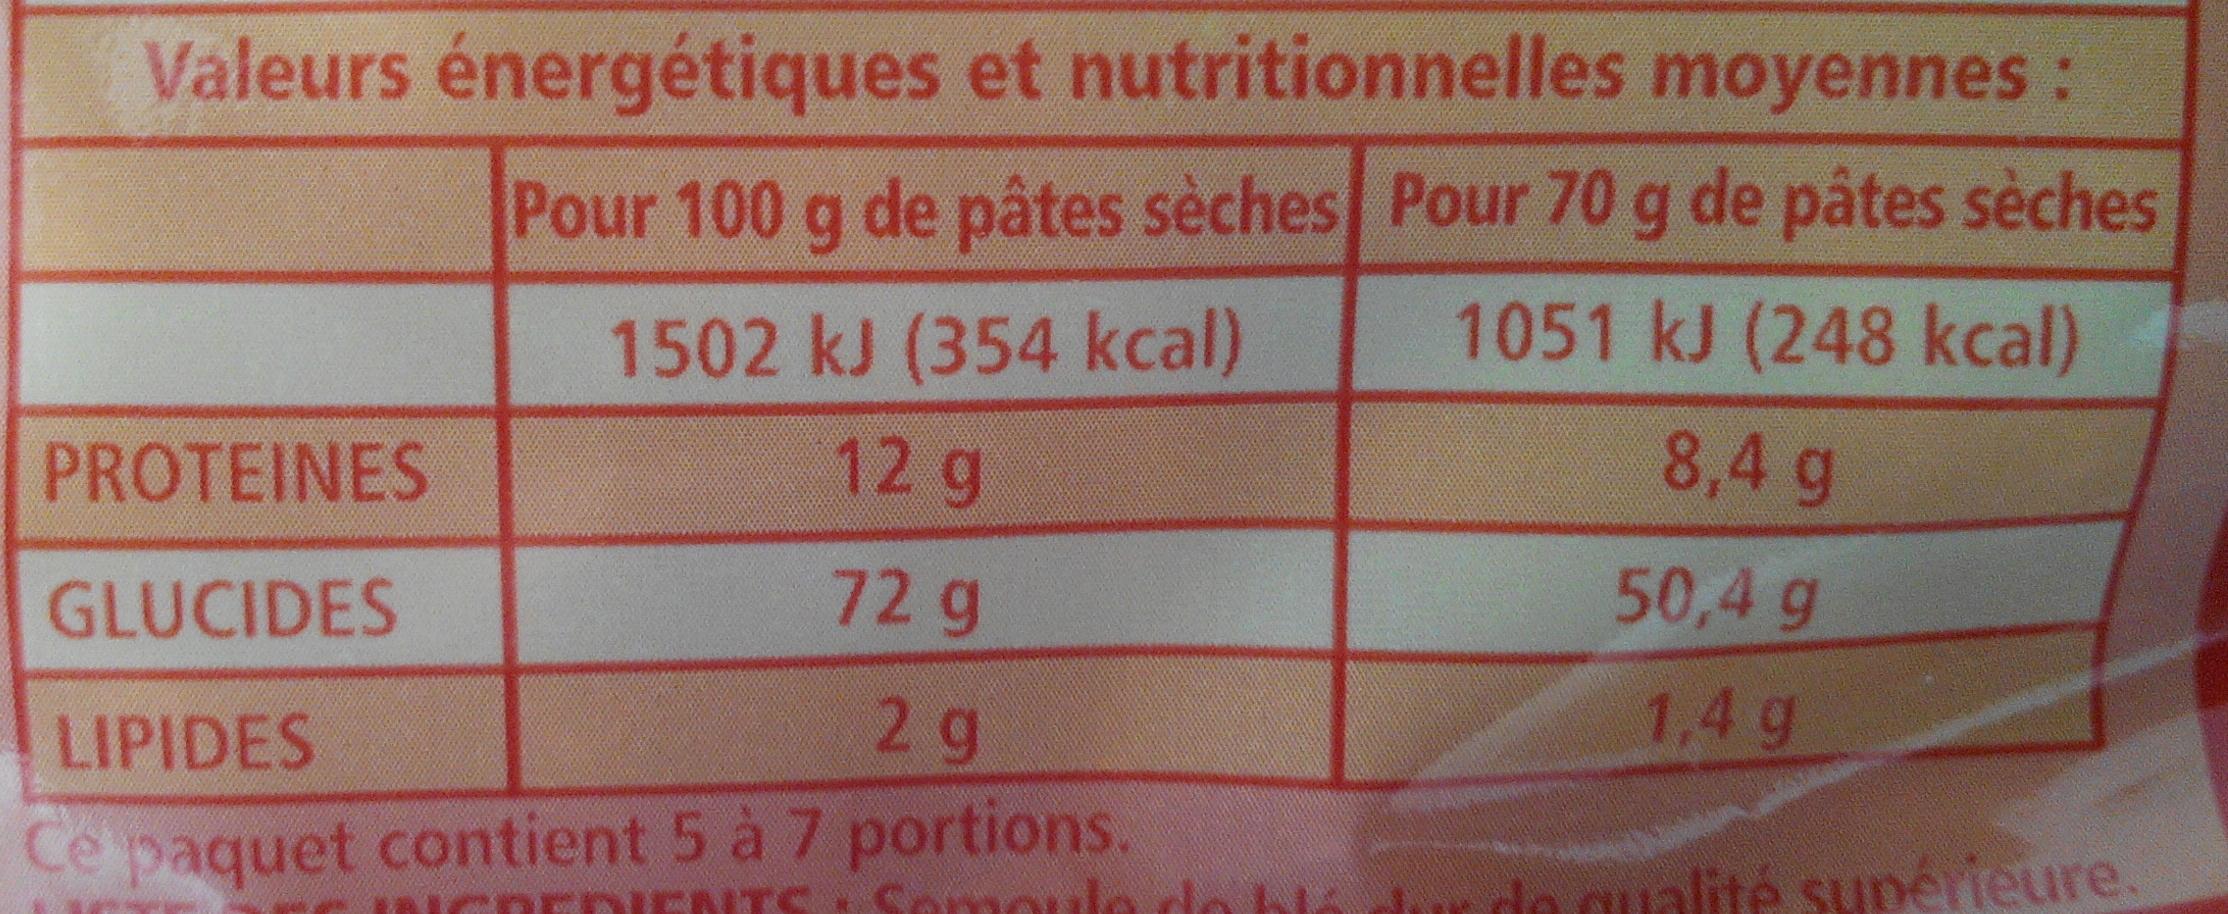 Macaroni de Qualité Supérieure - Nutrition facts - fr